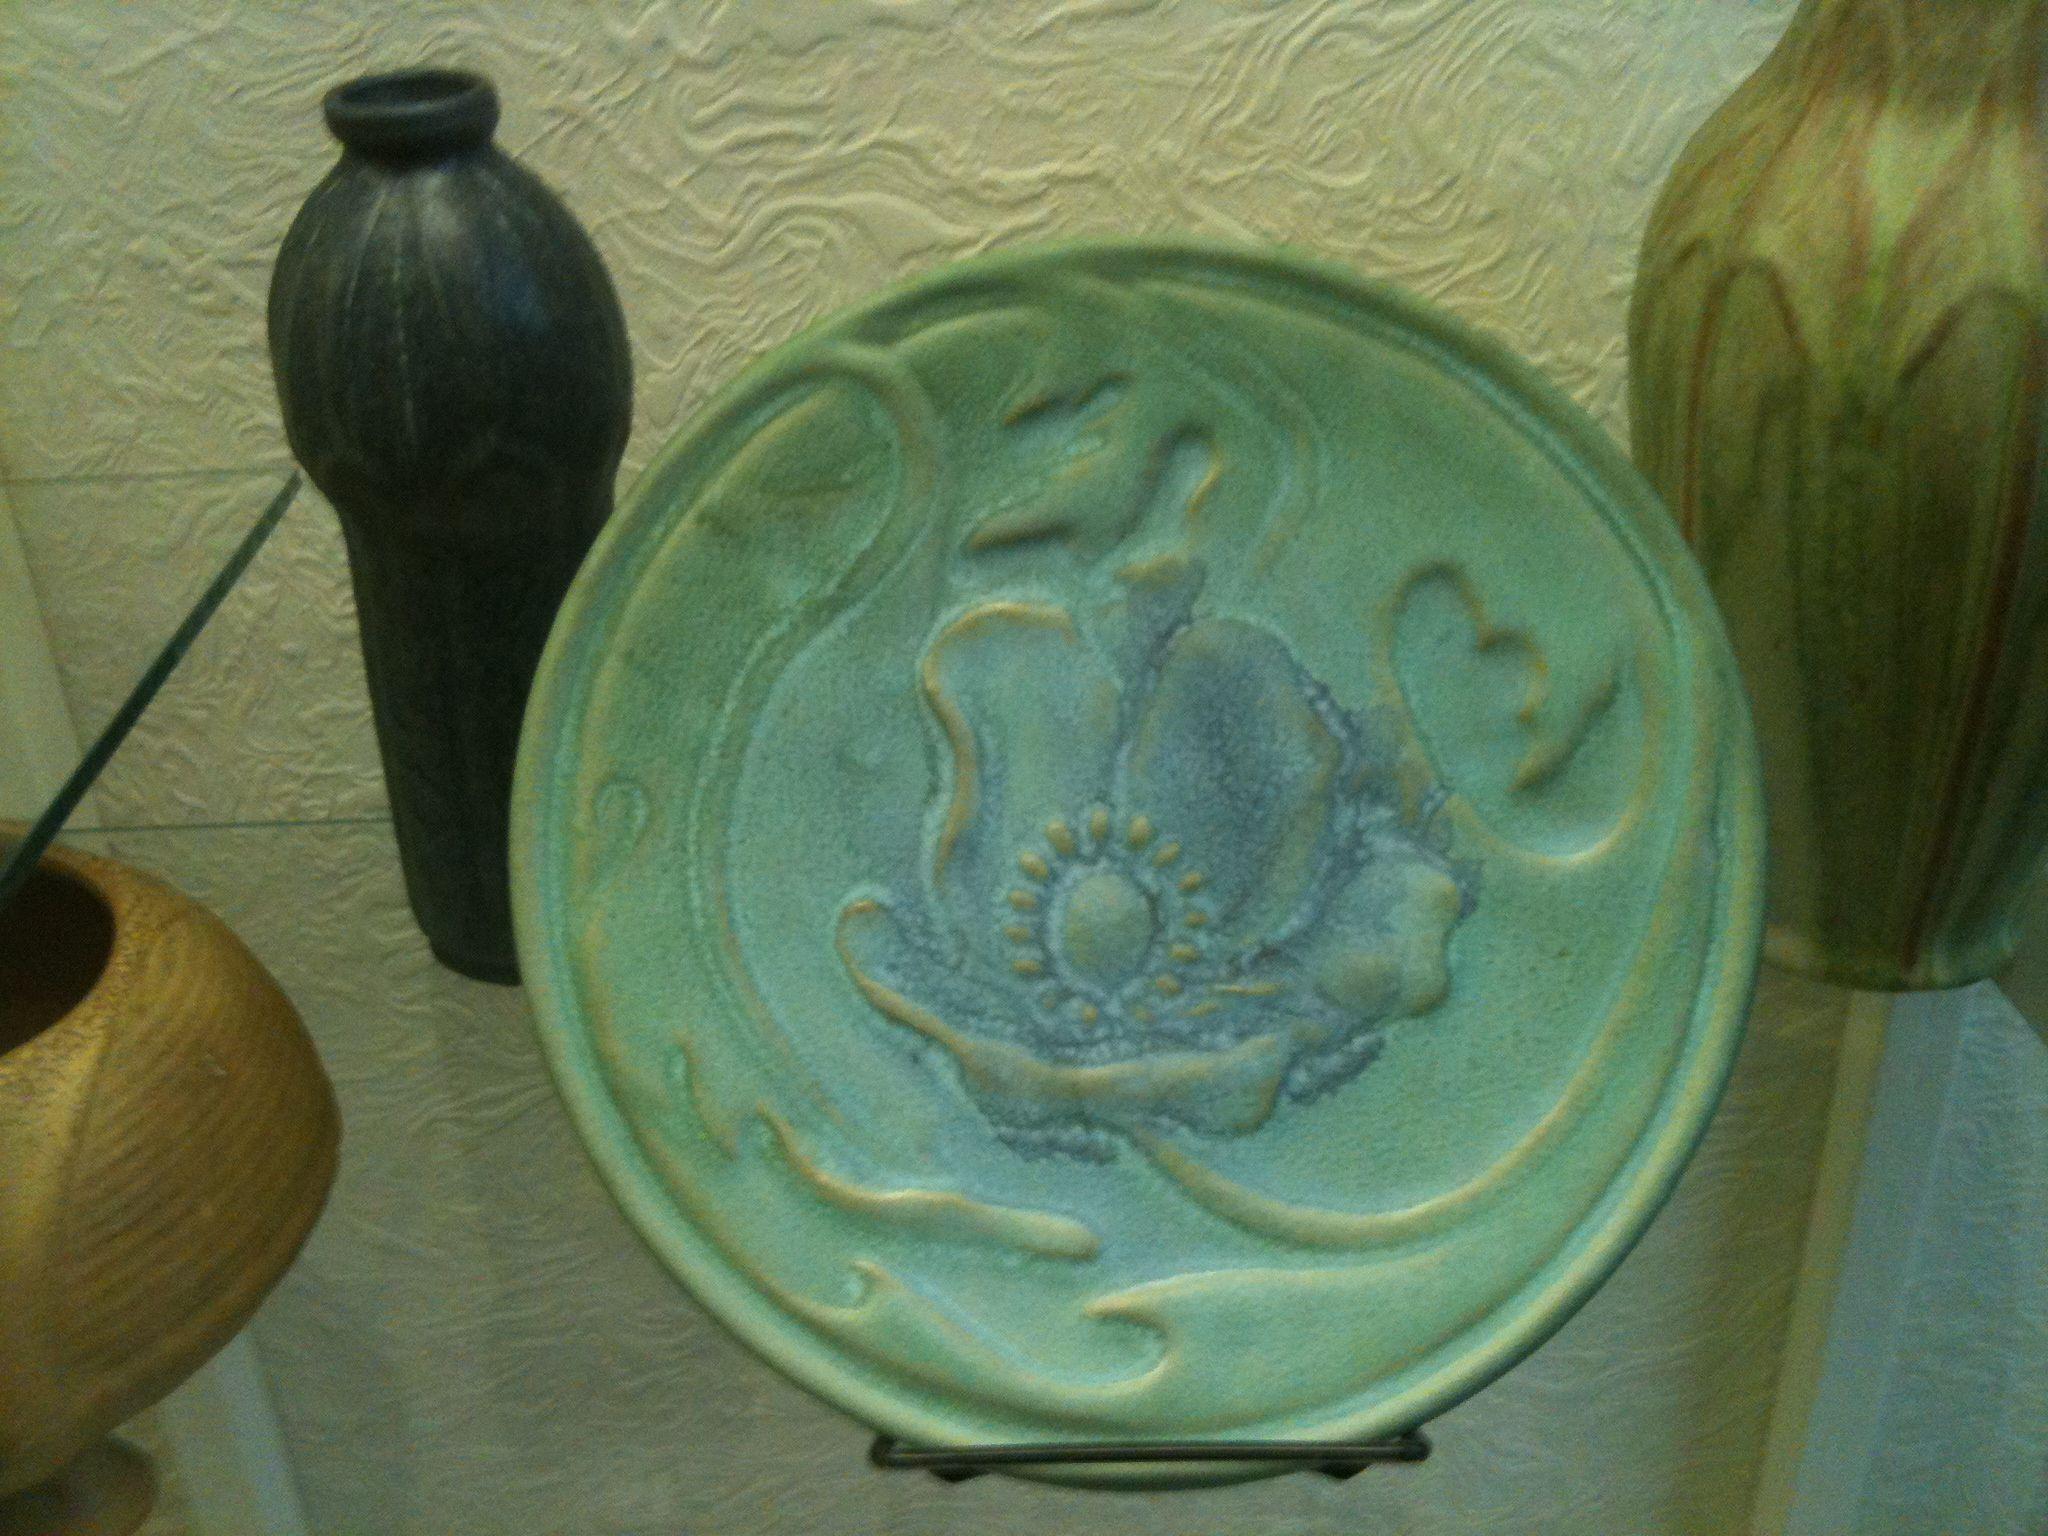 van briggle lorelei vase of pioneer museum colorado springs co the largest van briggle with regard to pioneer museum colorado springs co the largest van briggle exhibit j